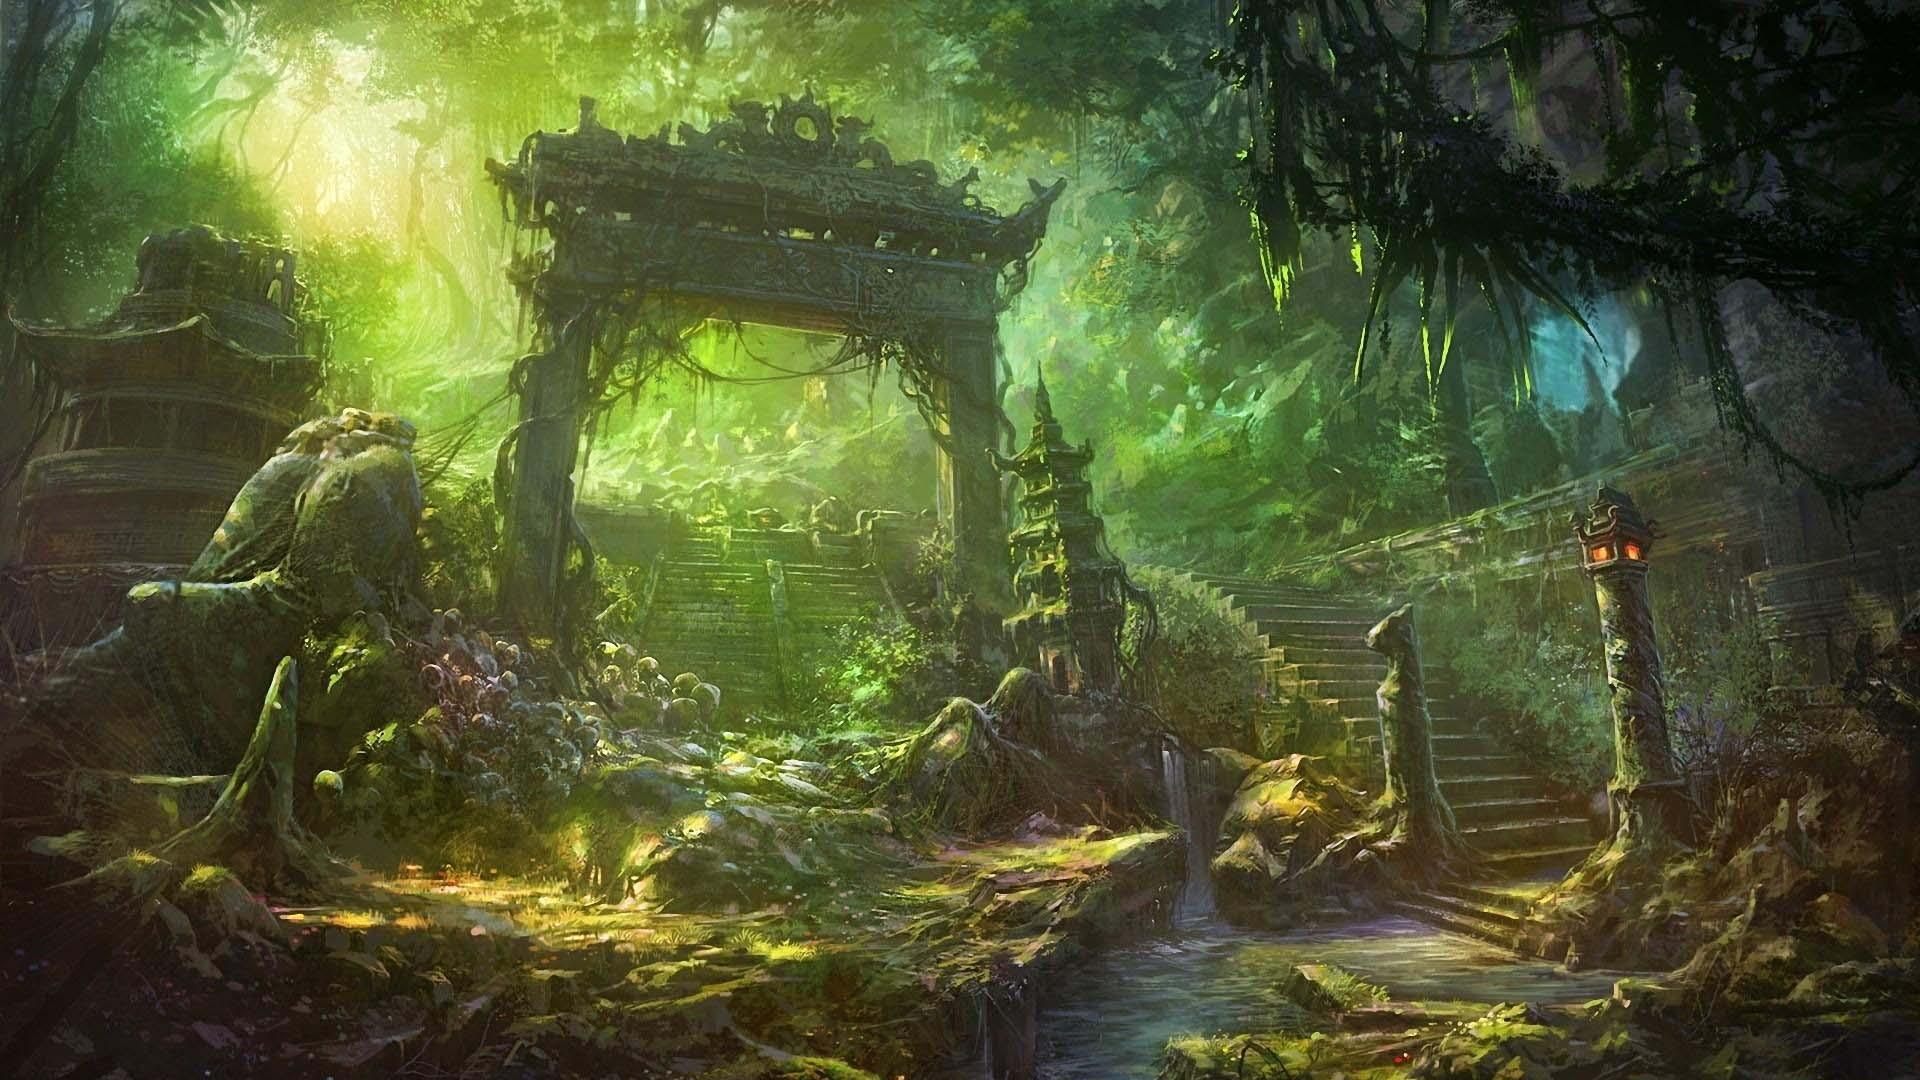 Phong cảnh anime đẹp nhất